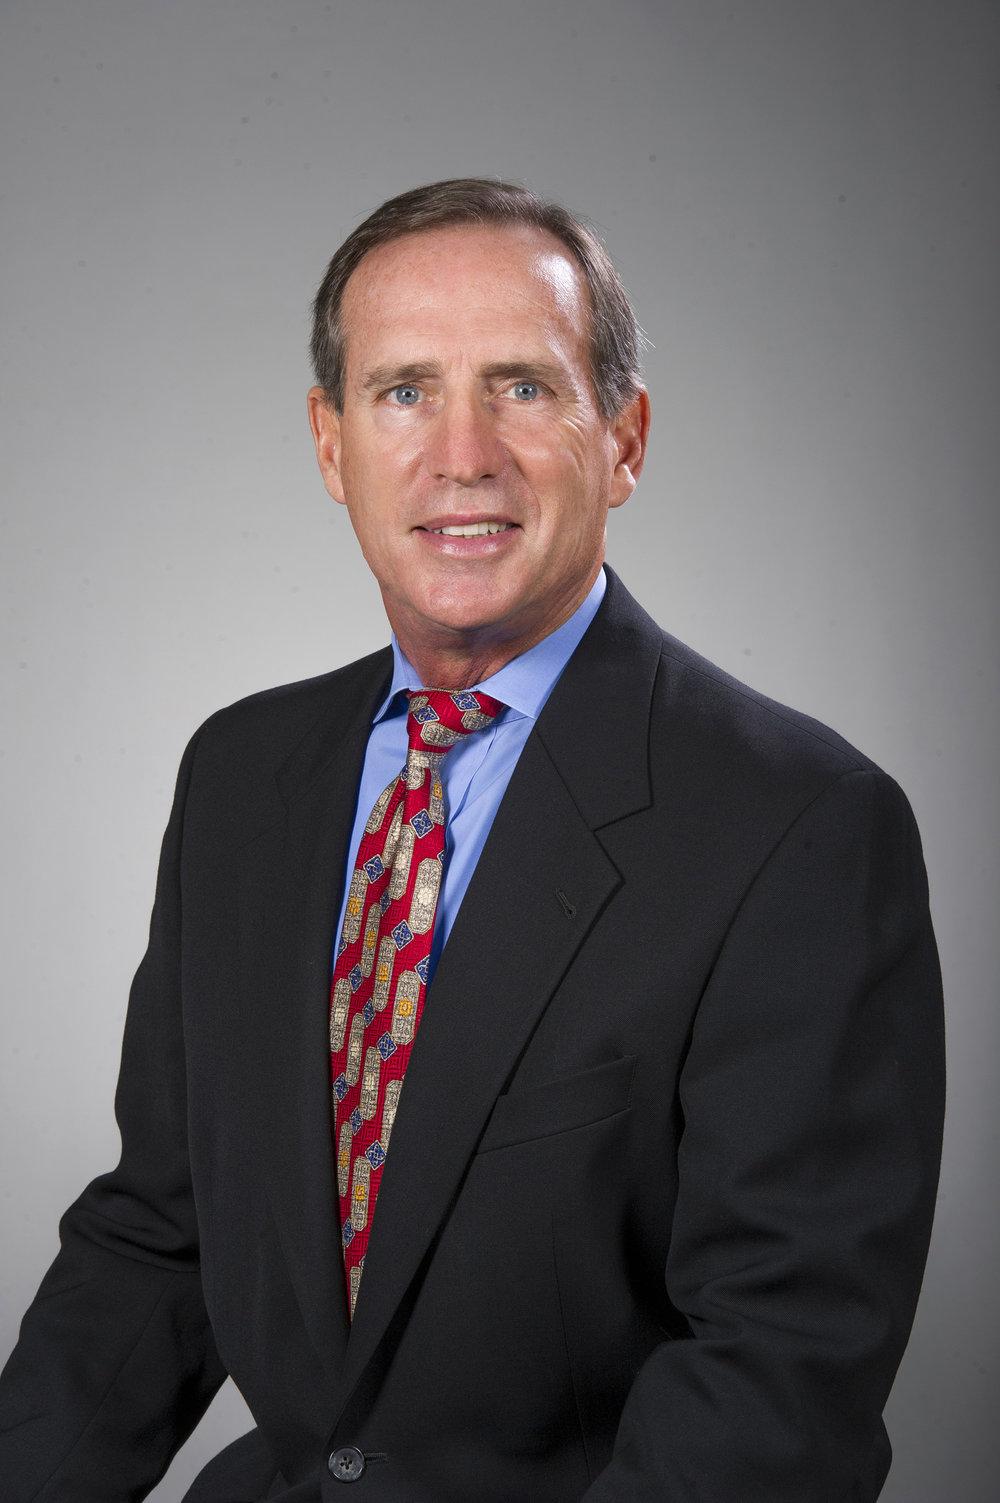 John Valant